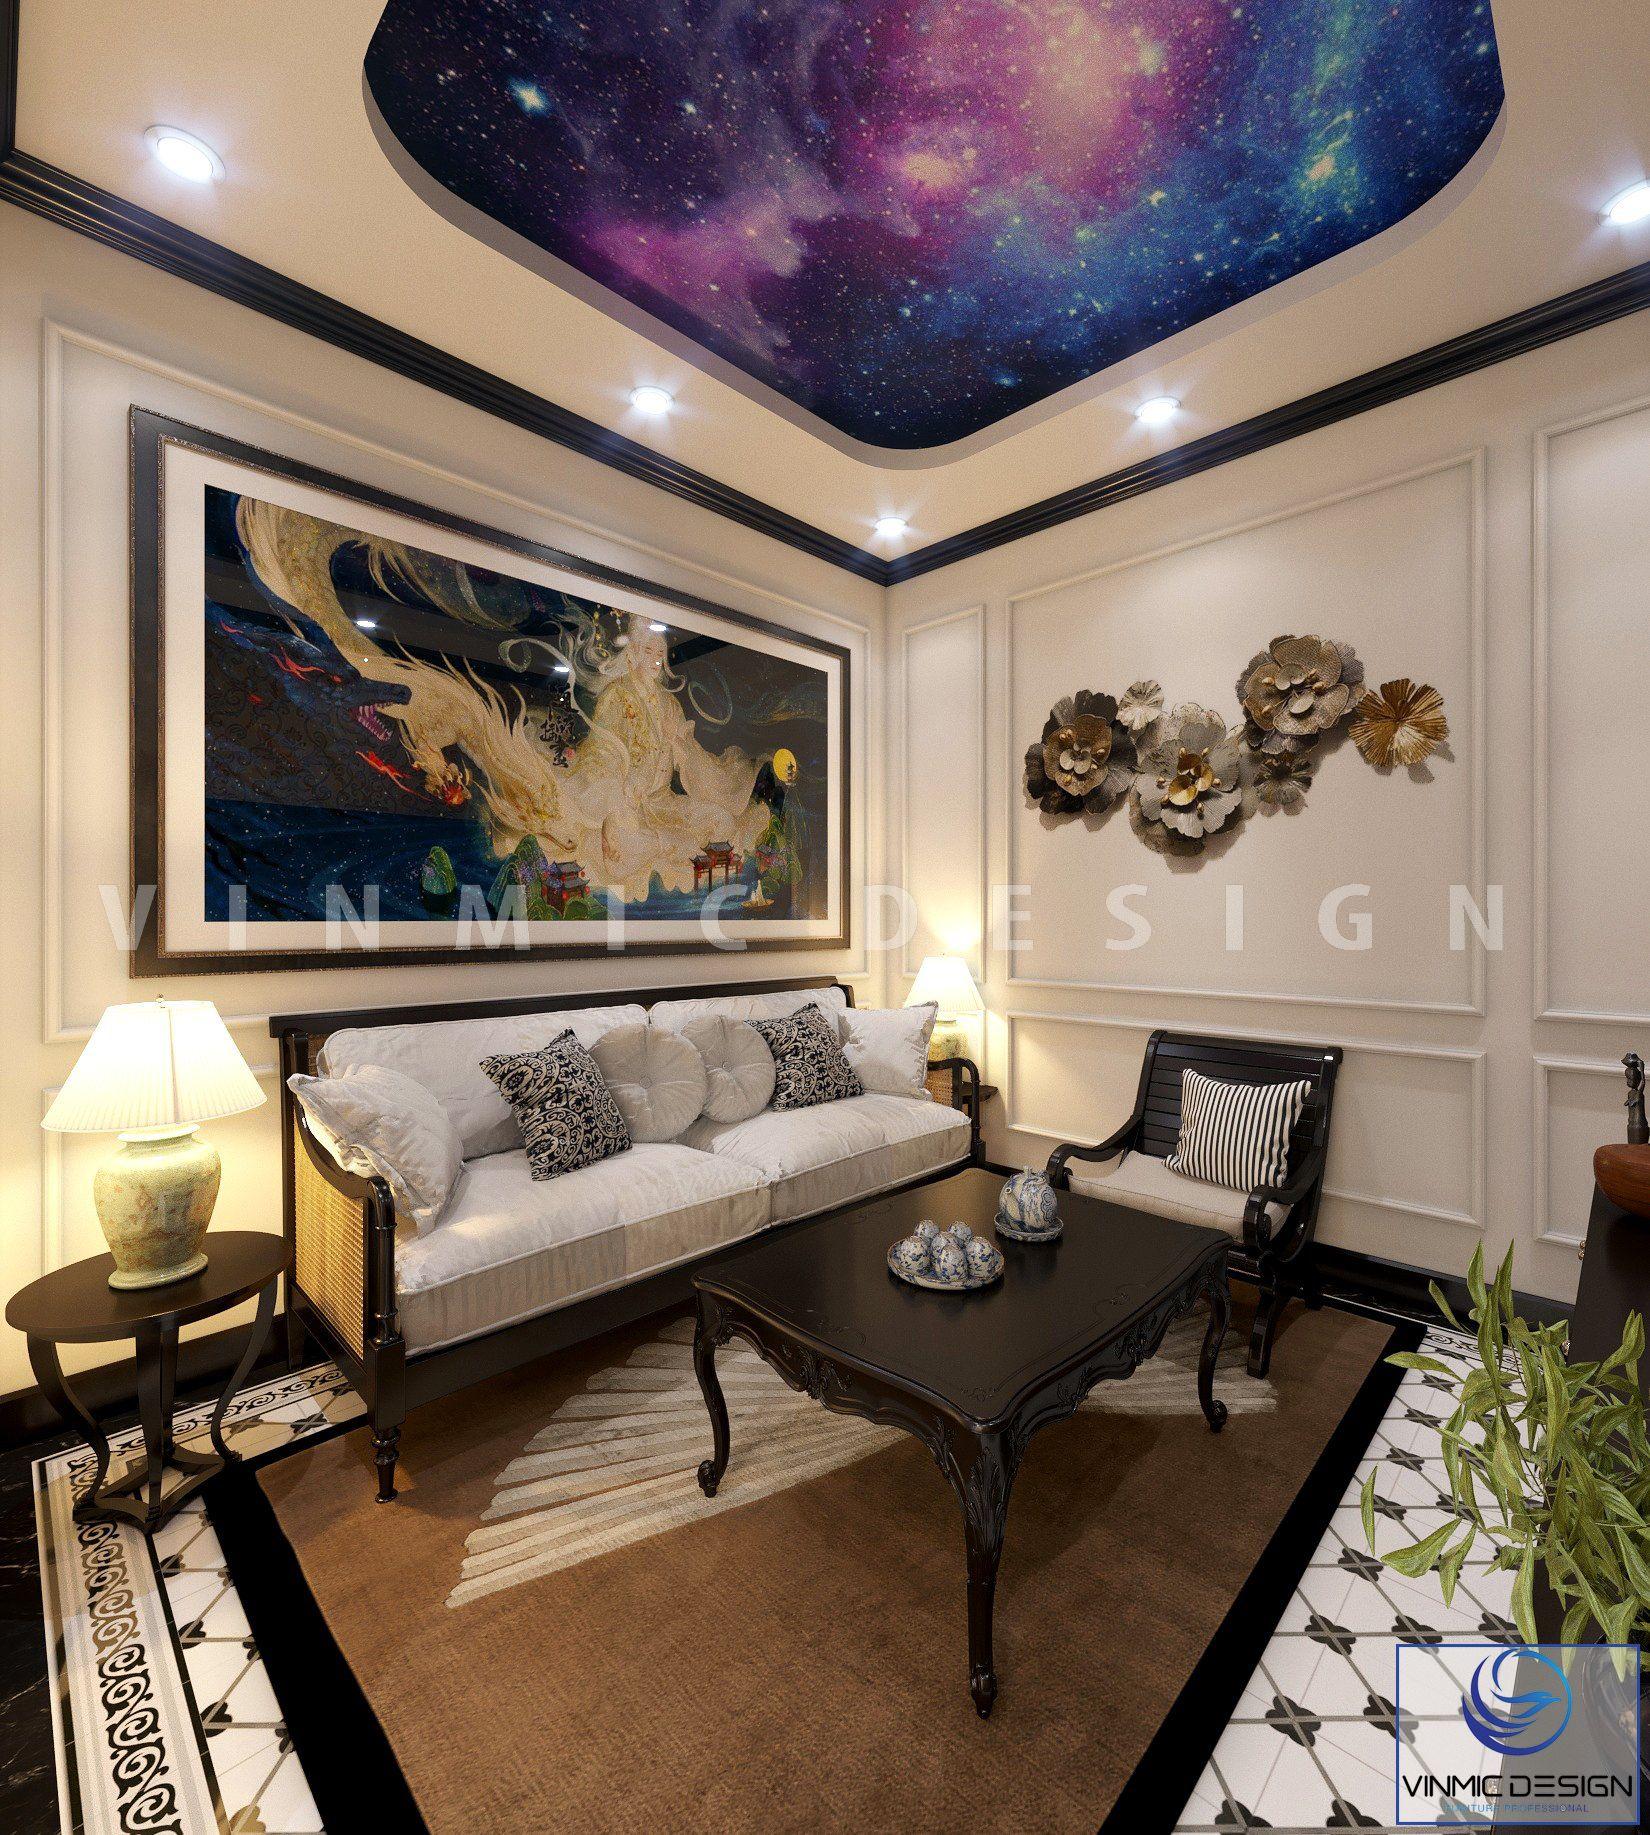 Thiết kế nội thất phòng giải trí phong cách Á Đông đẹp tại chung cư Sunshine Garden